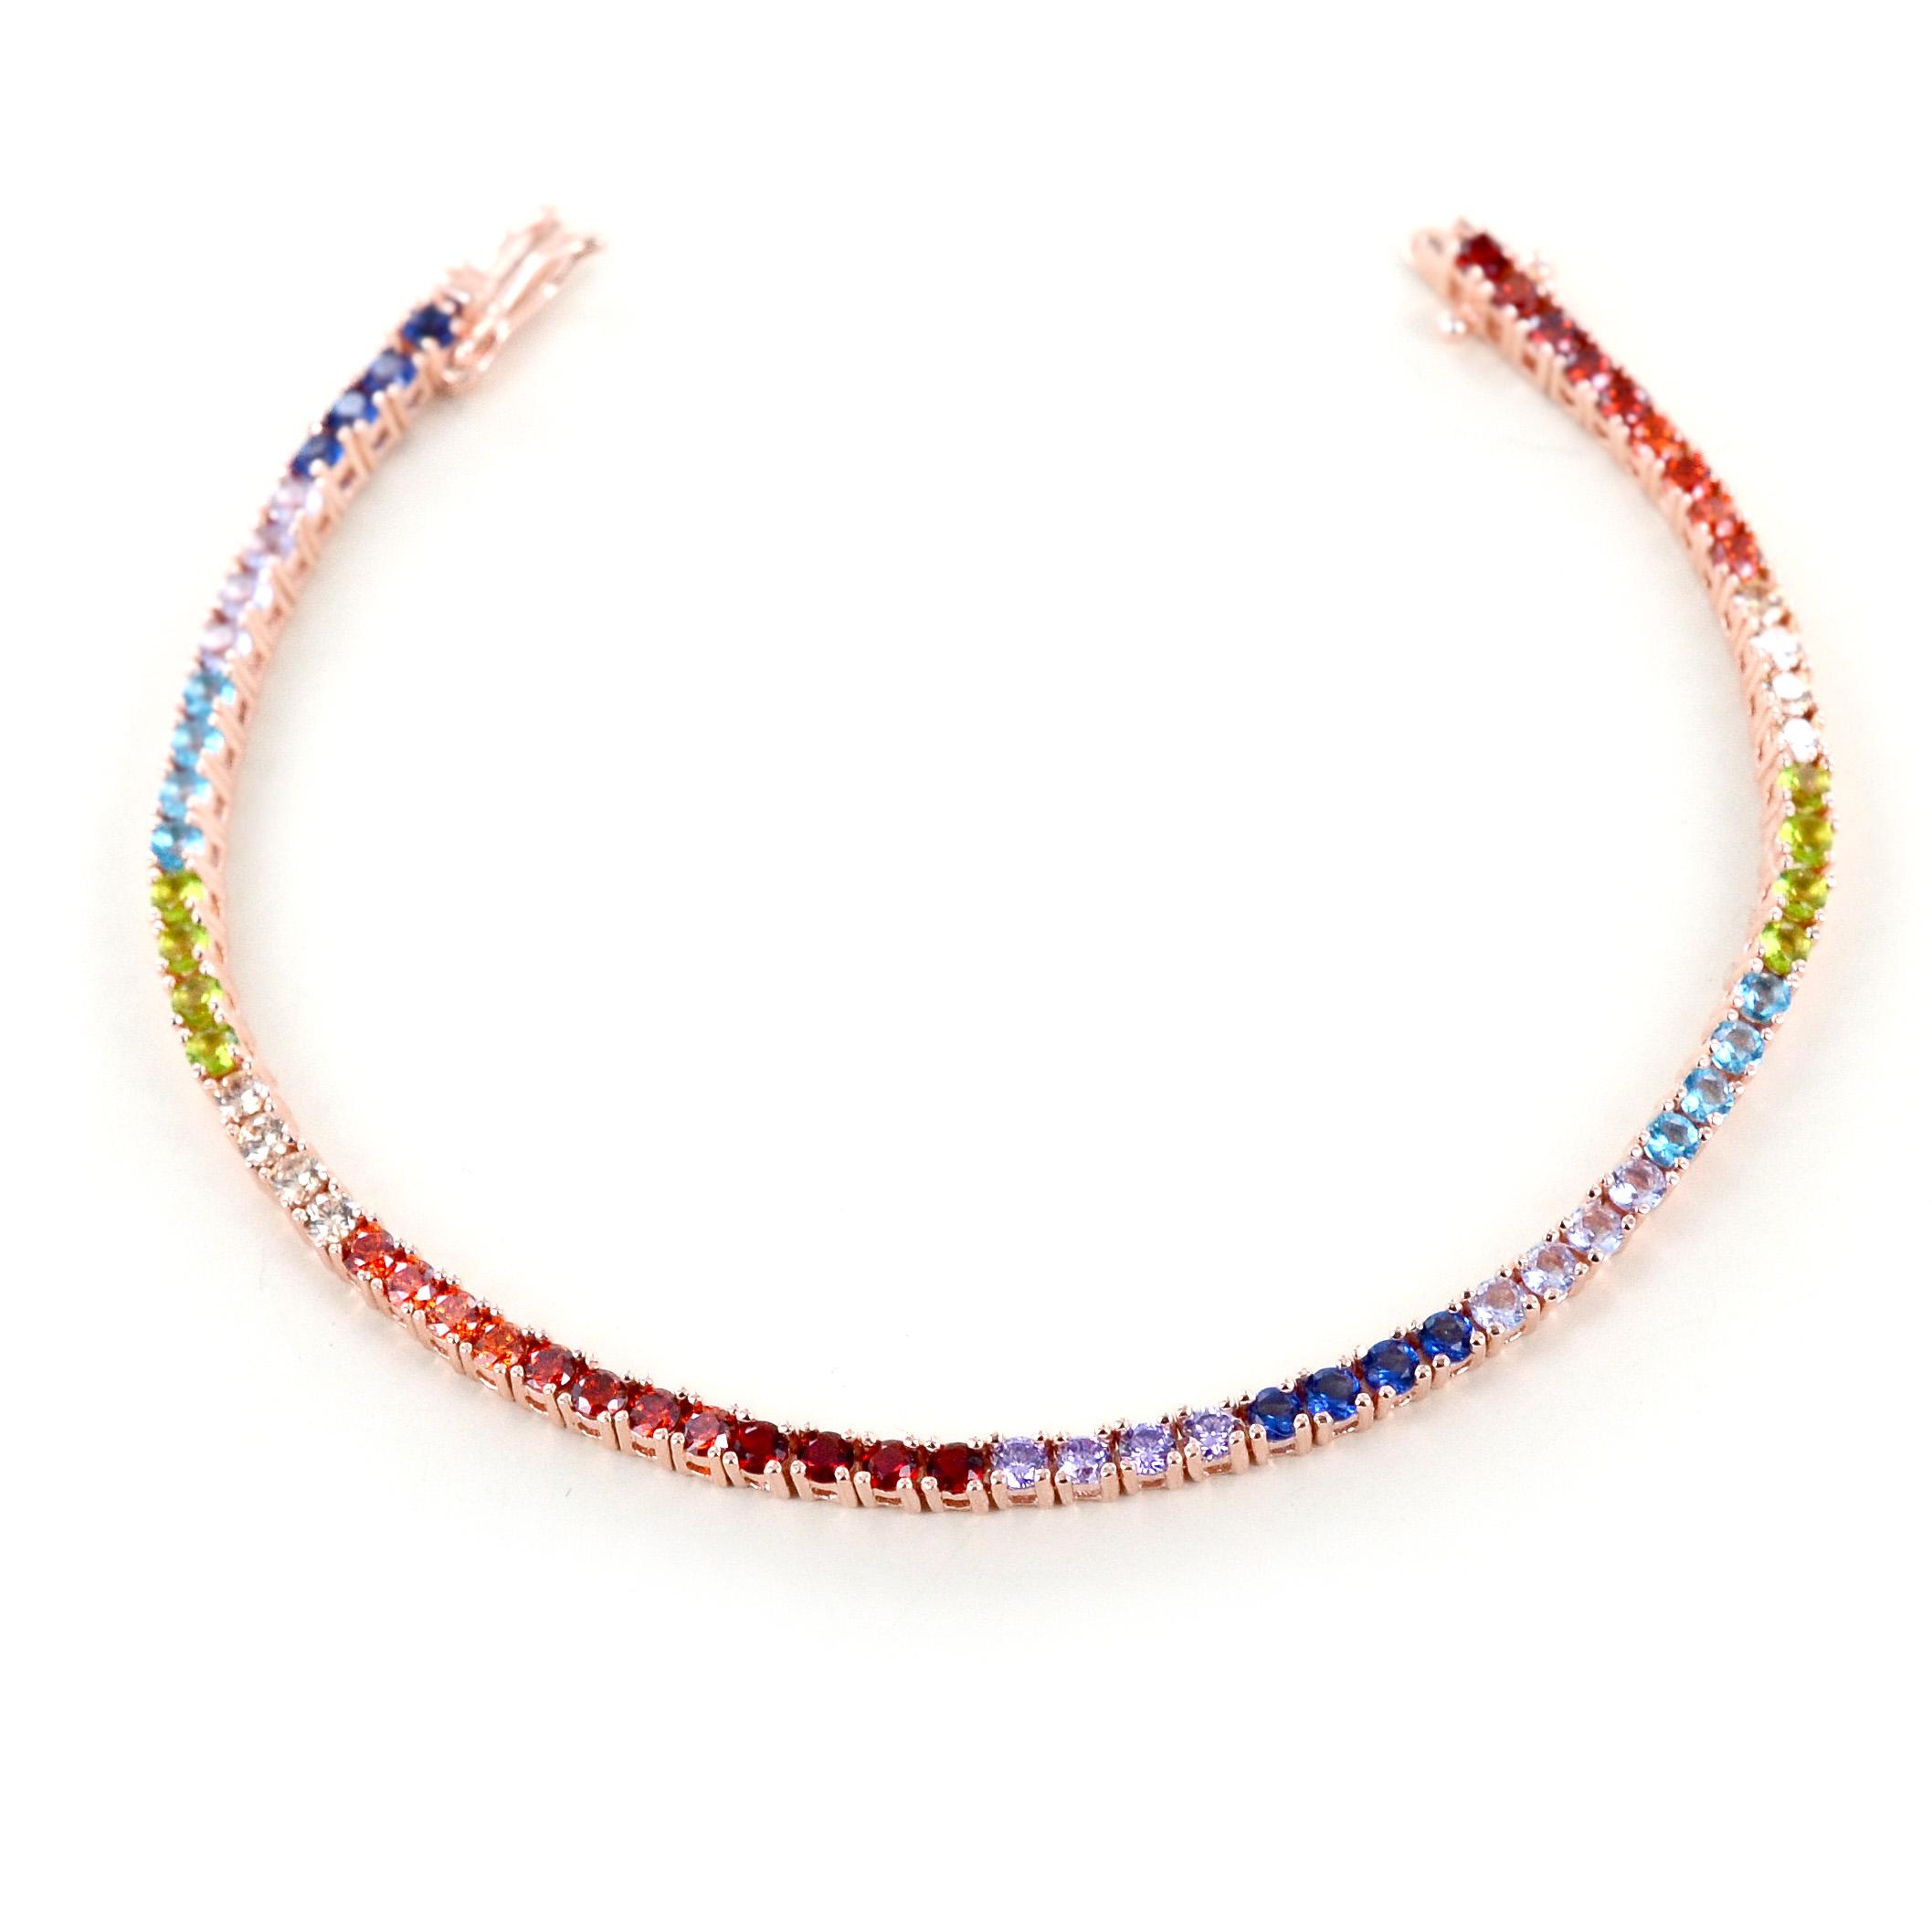 Bracciale tennis in argento e zirconi colorati - Tennis Rainbow medium